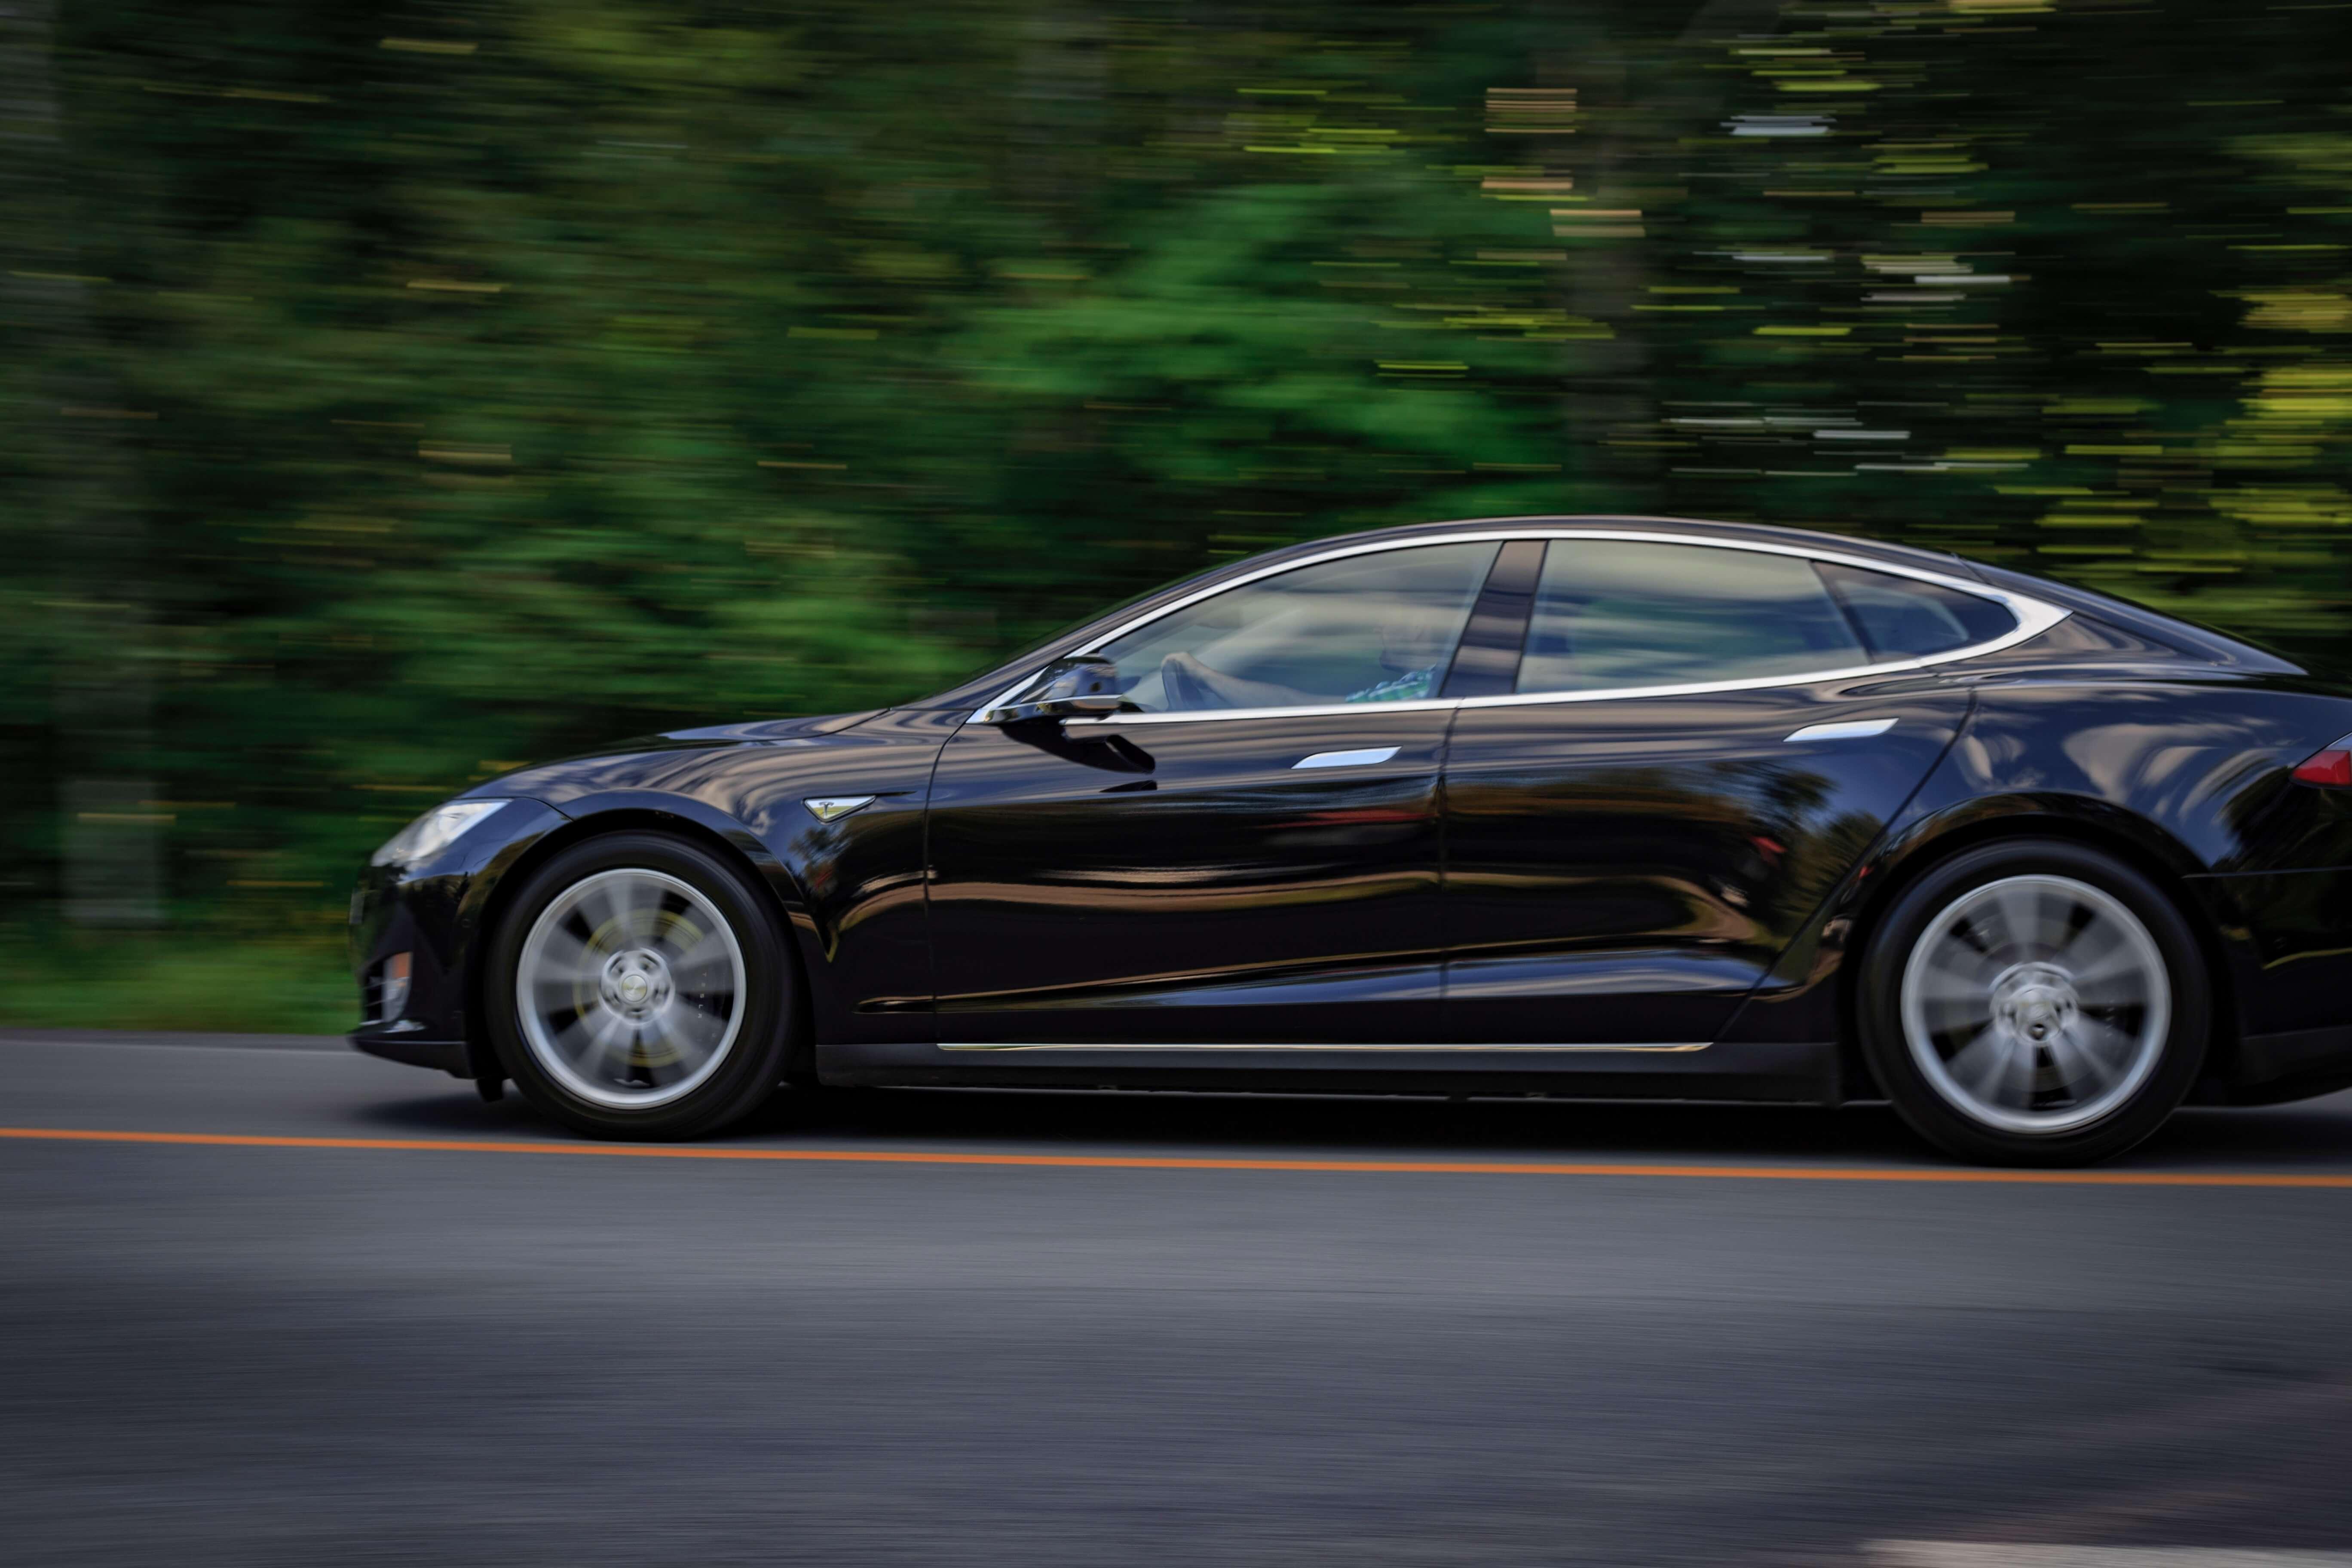 Tesla wykryła pierwszego złodzieja. Poznajcie funkcję Sentry Mode